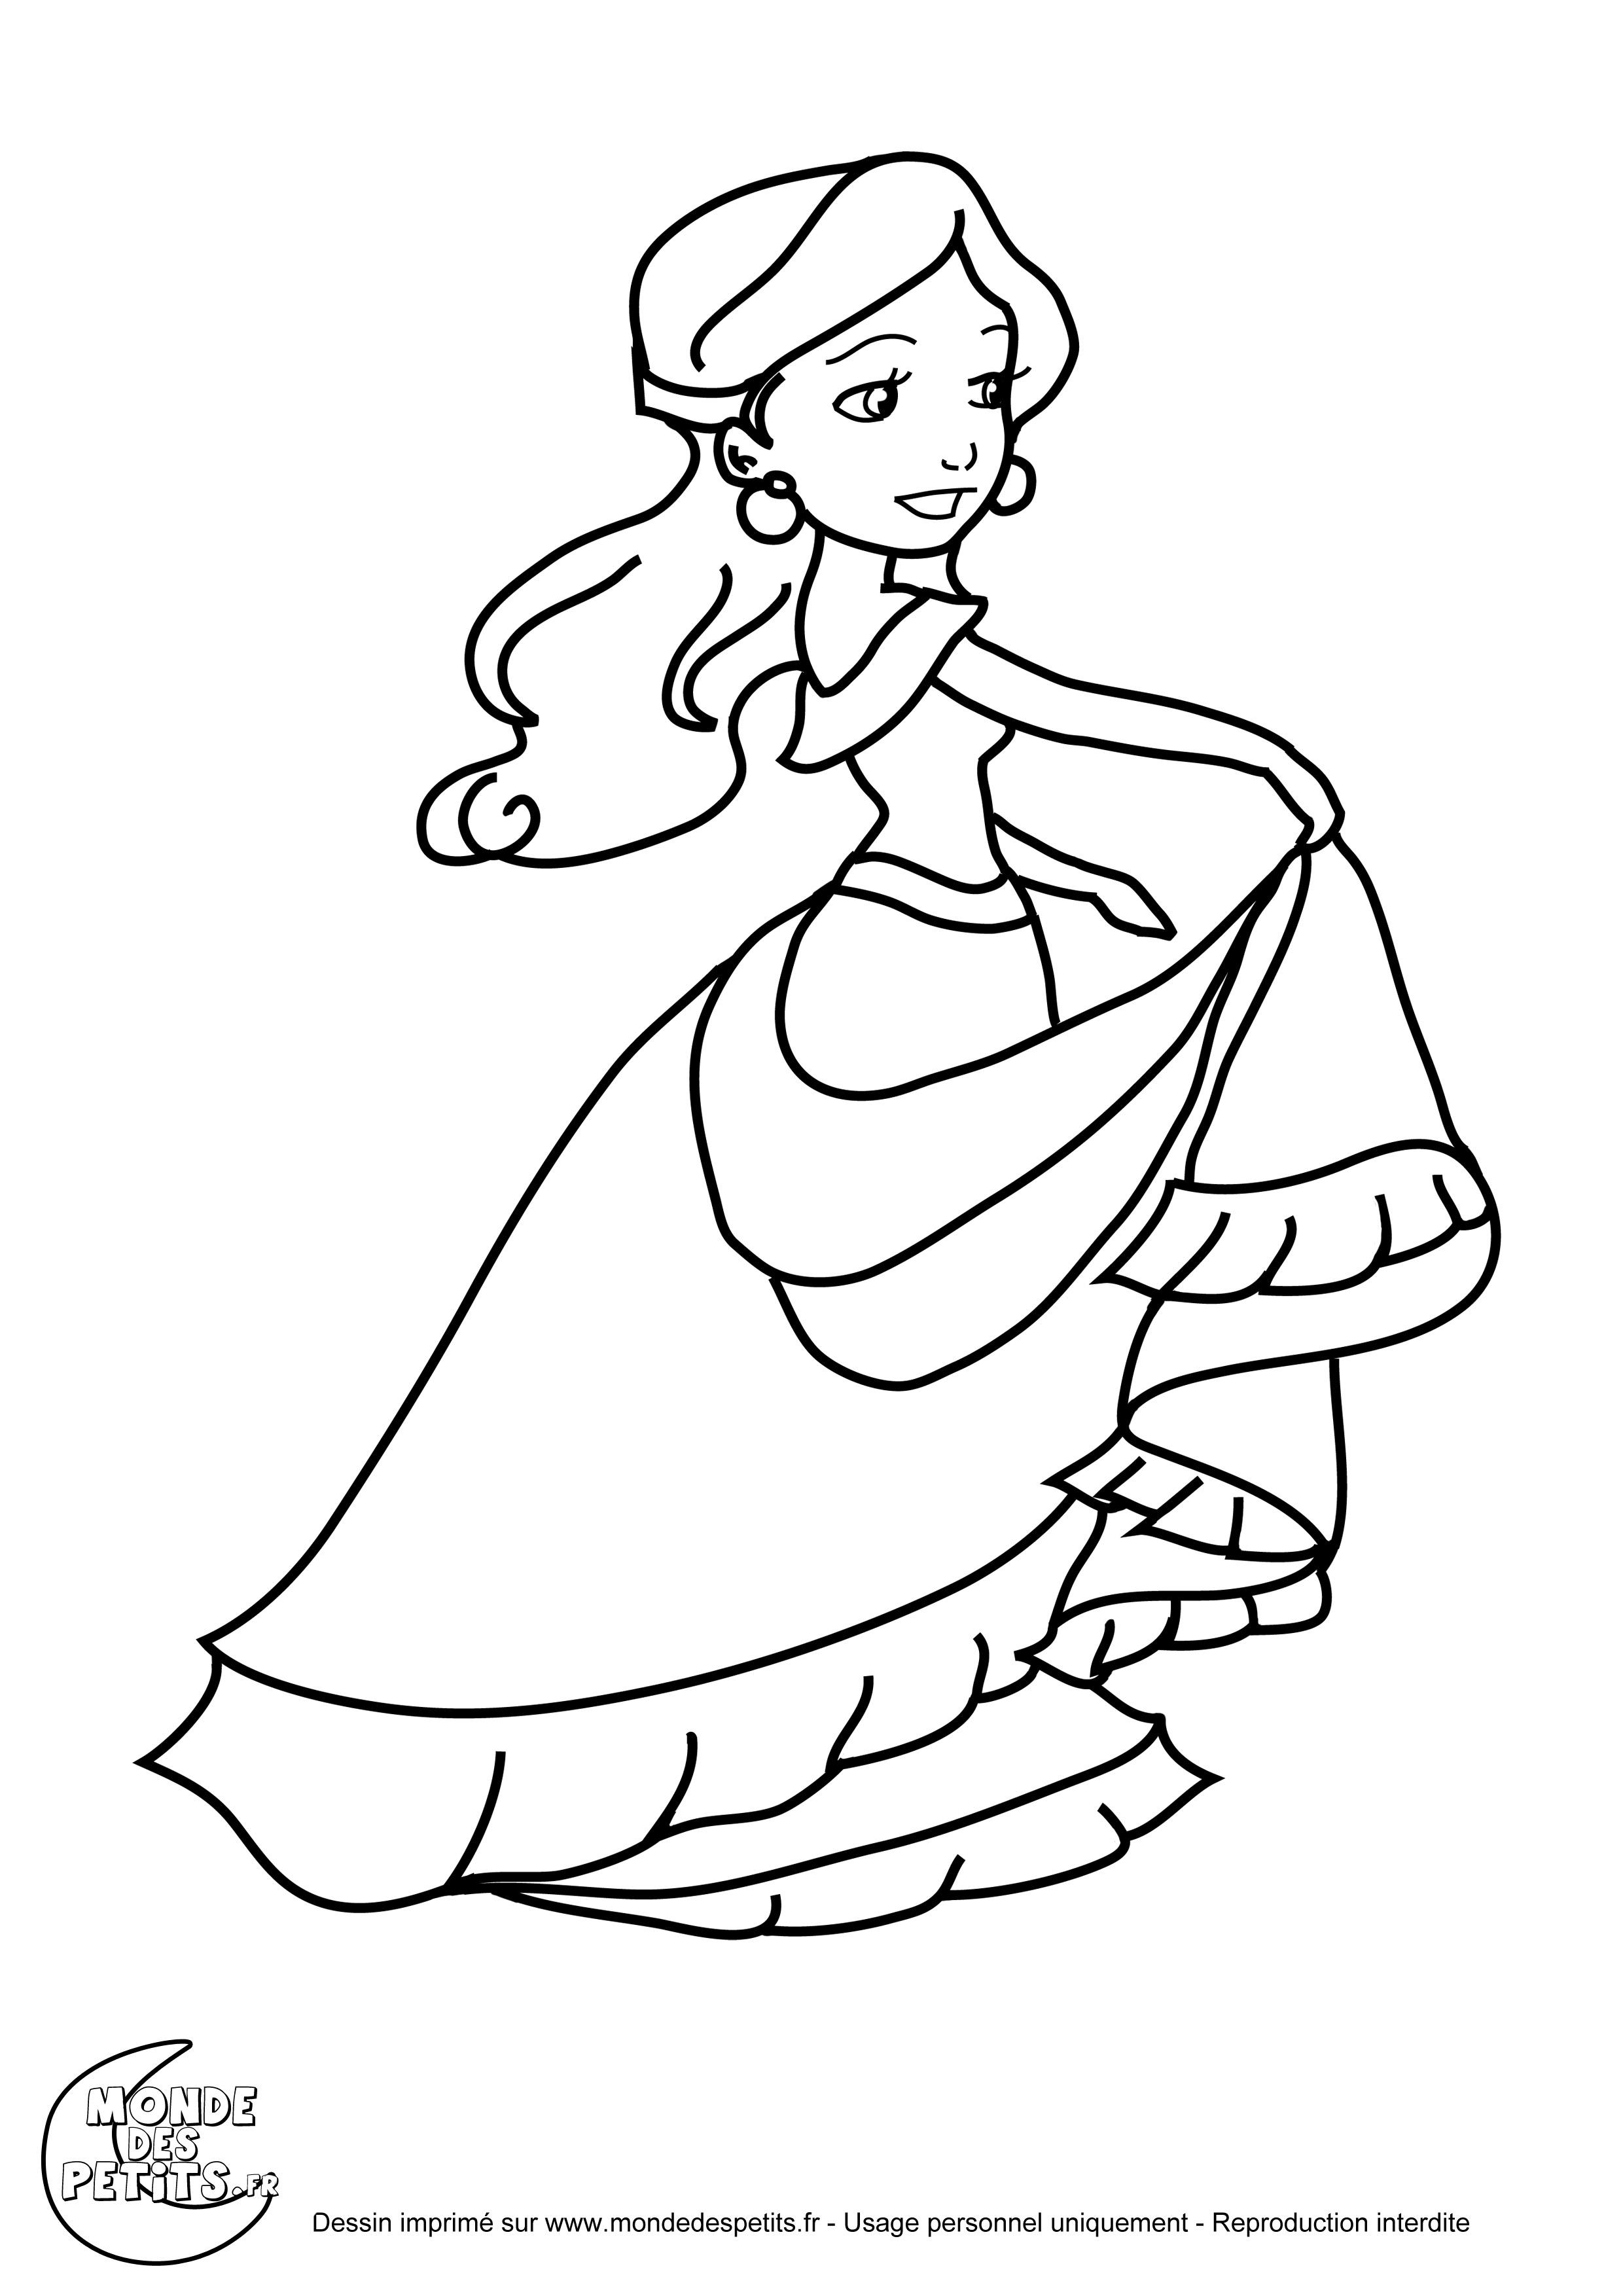 Monde des petits coloriages imprimer - Dessins princesse ...